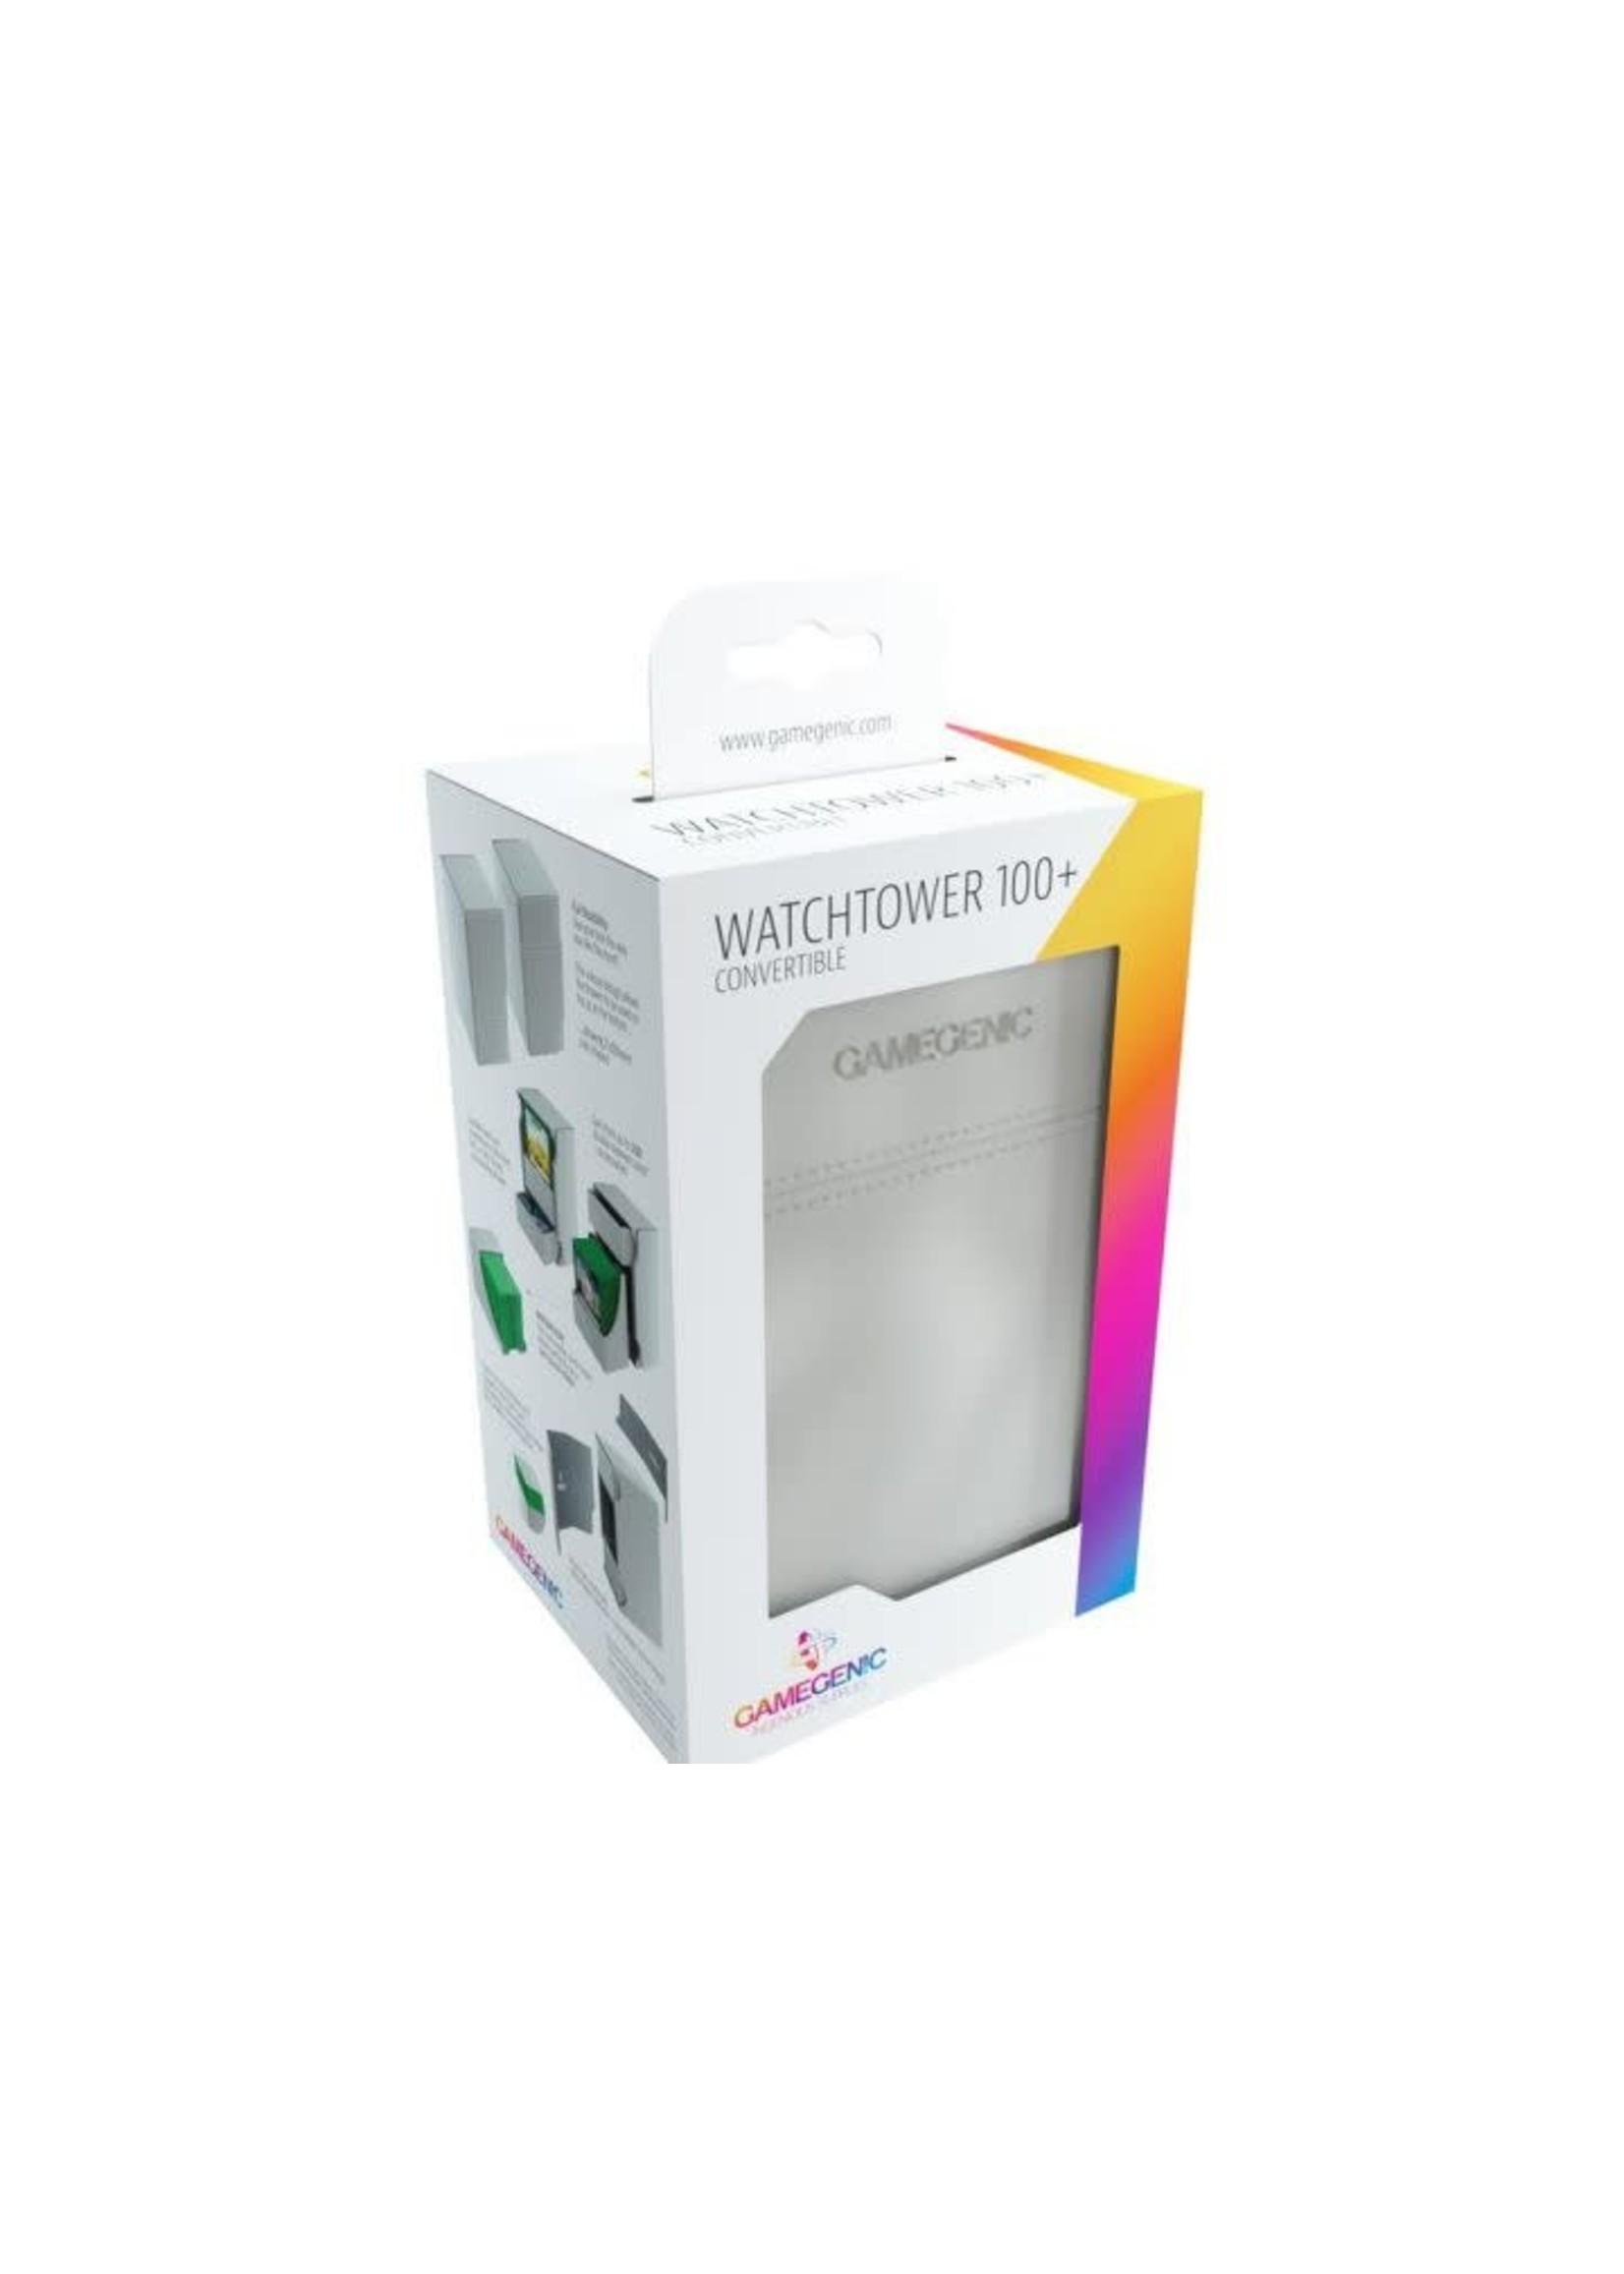 Deckbox Watchtower 100+ Convertible White